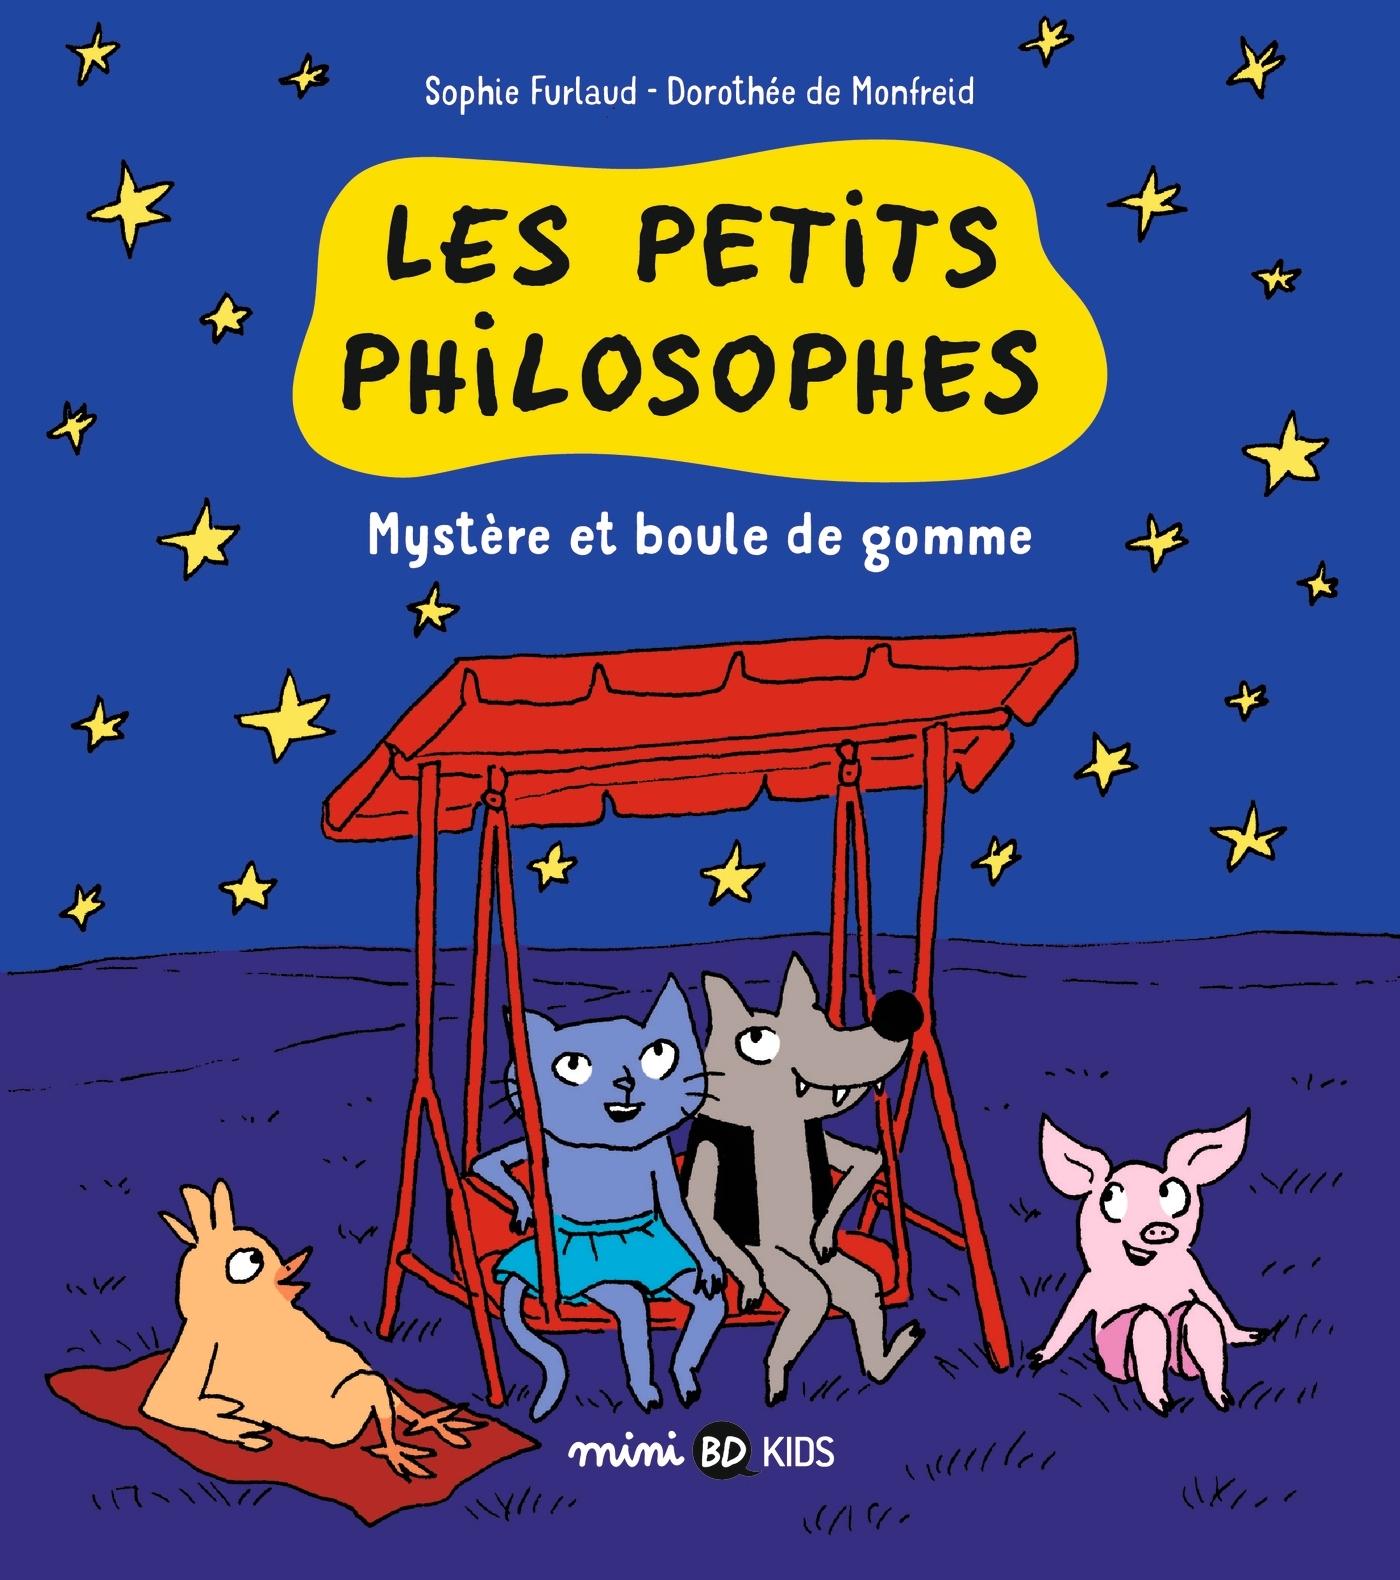 LES PETITS PHILOSOPHES, TOME 01 - MYSTERE ET BOULES DE GOMME